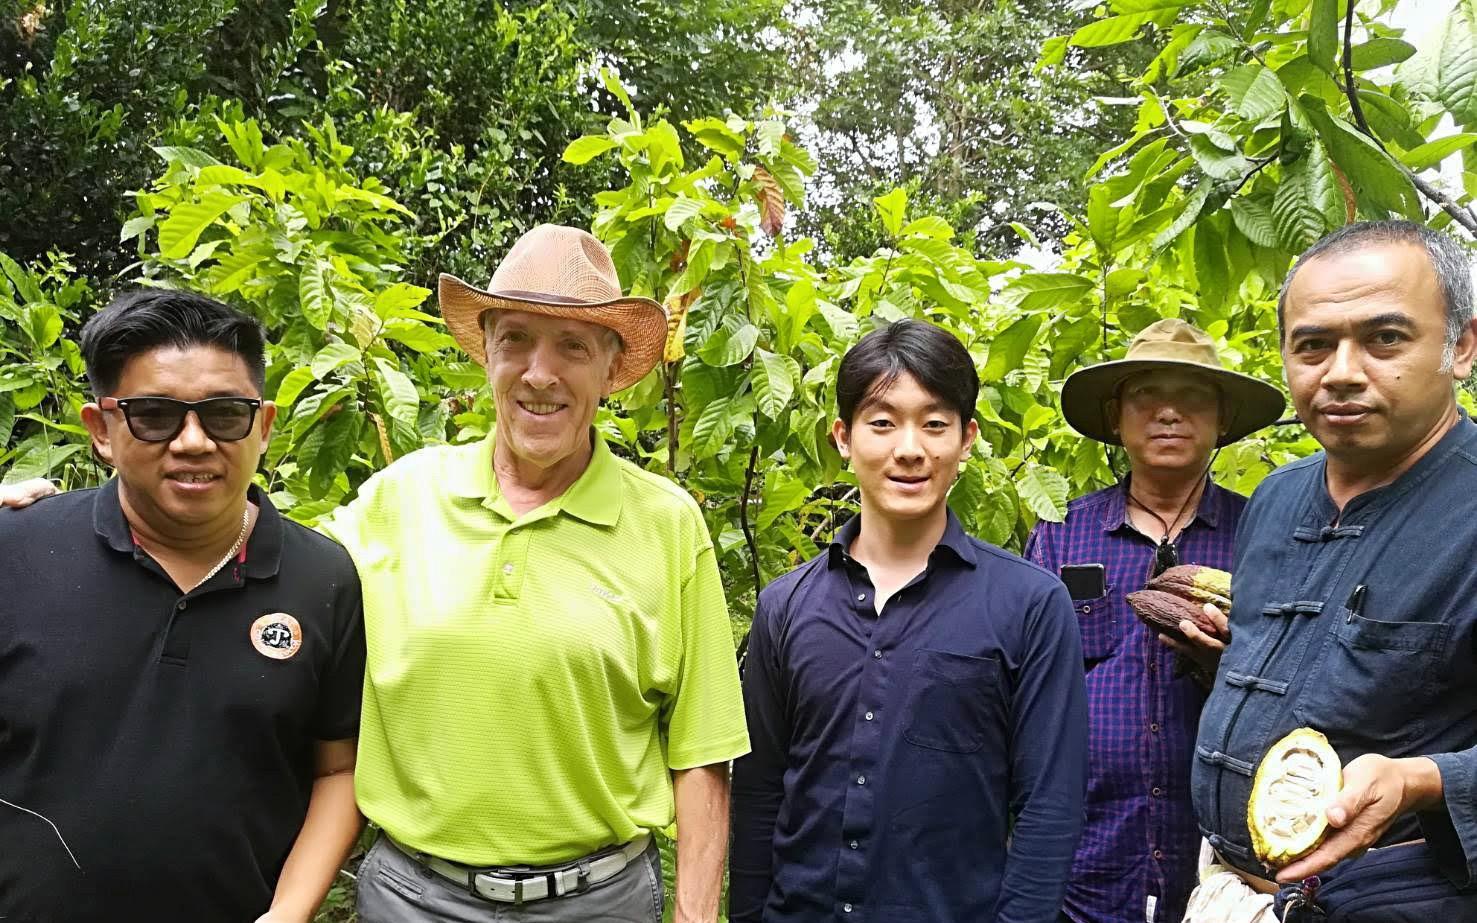 """「農園に居続けたこと」が生んだブレイクスルー。日本の""""ビーン・トゥー・バー""""をインドネシアから支える"""